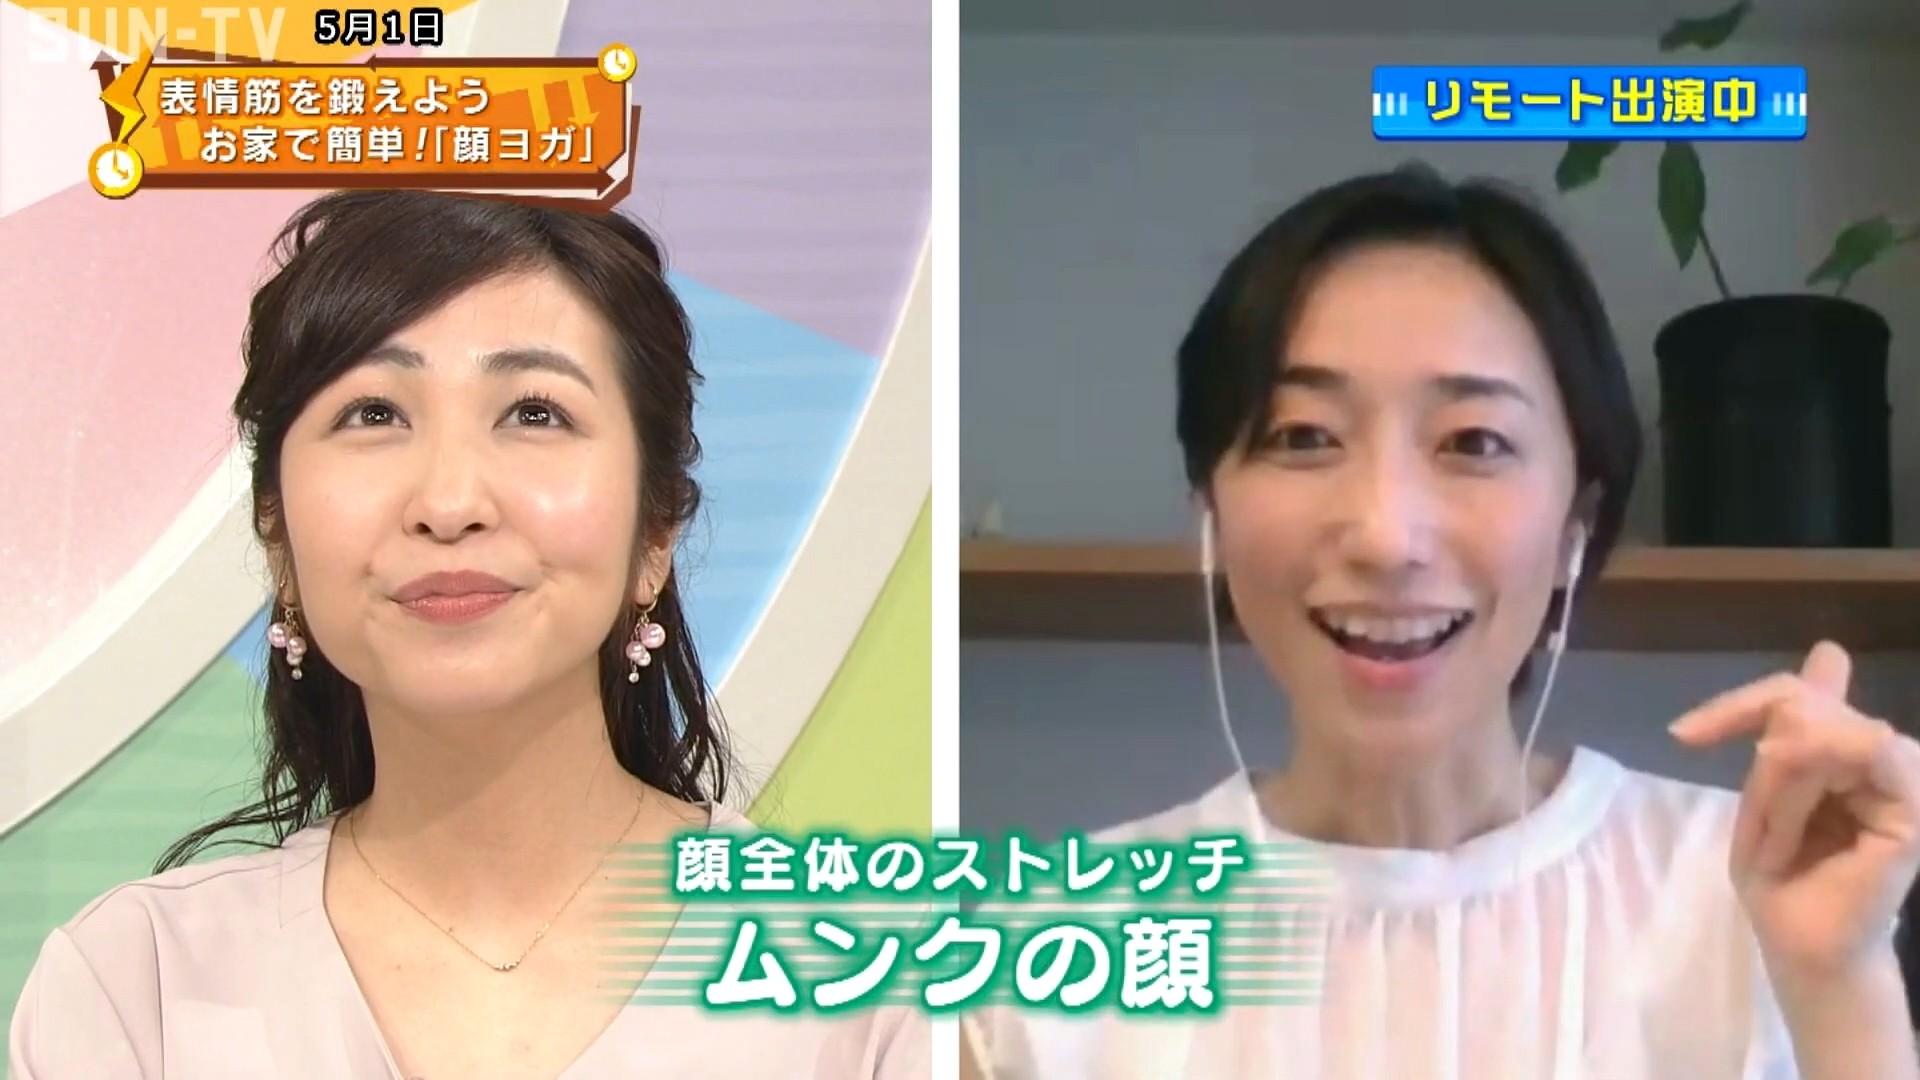 朝田夢子の顔ヨガ舌出し (1)